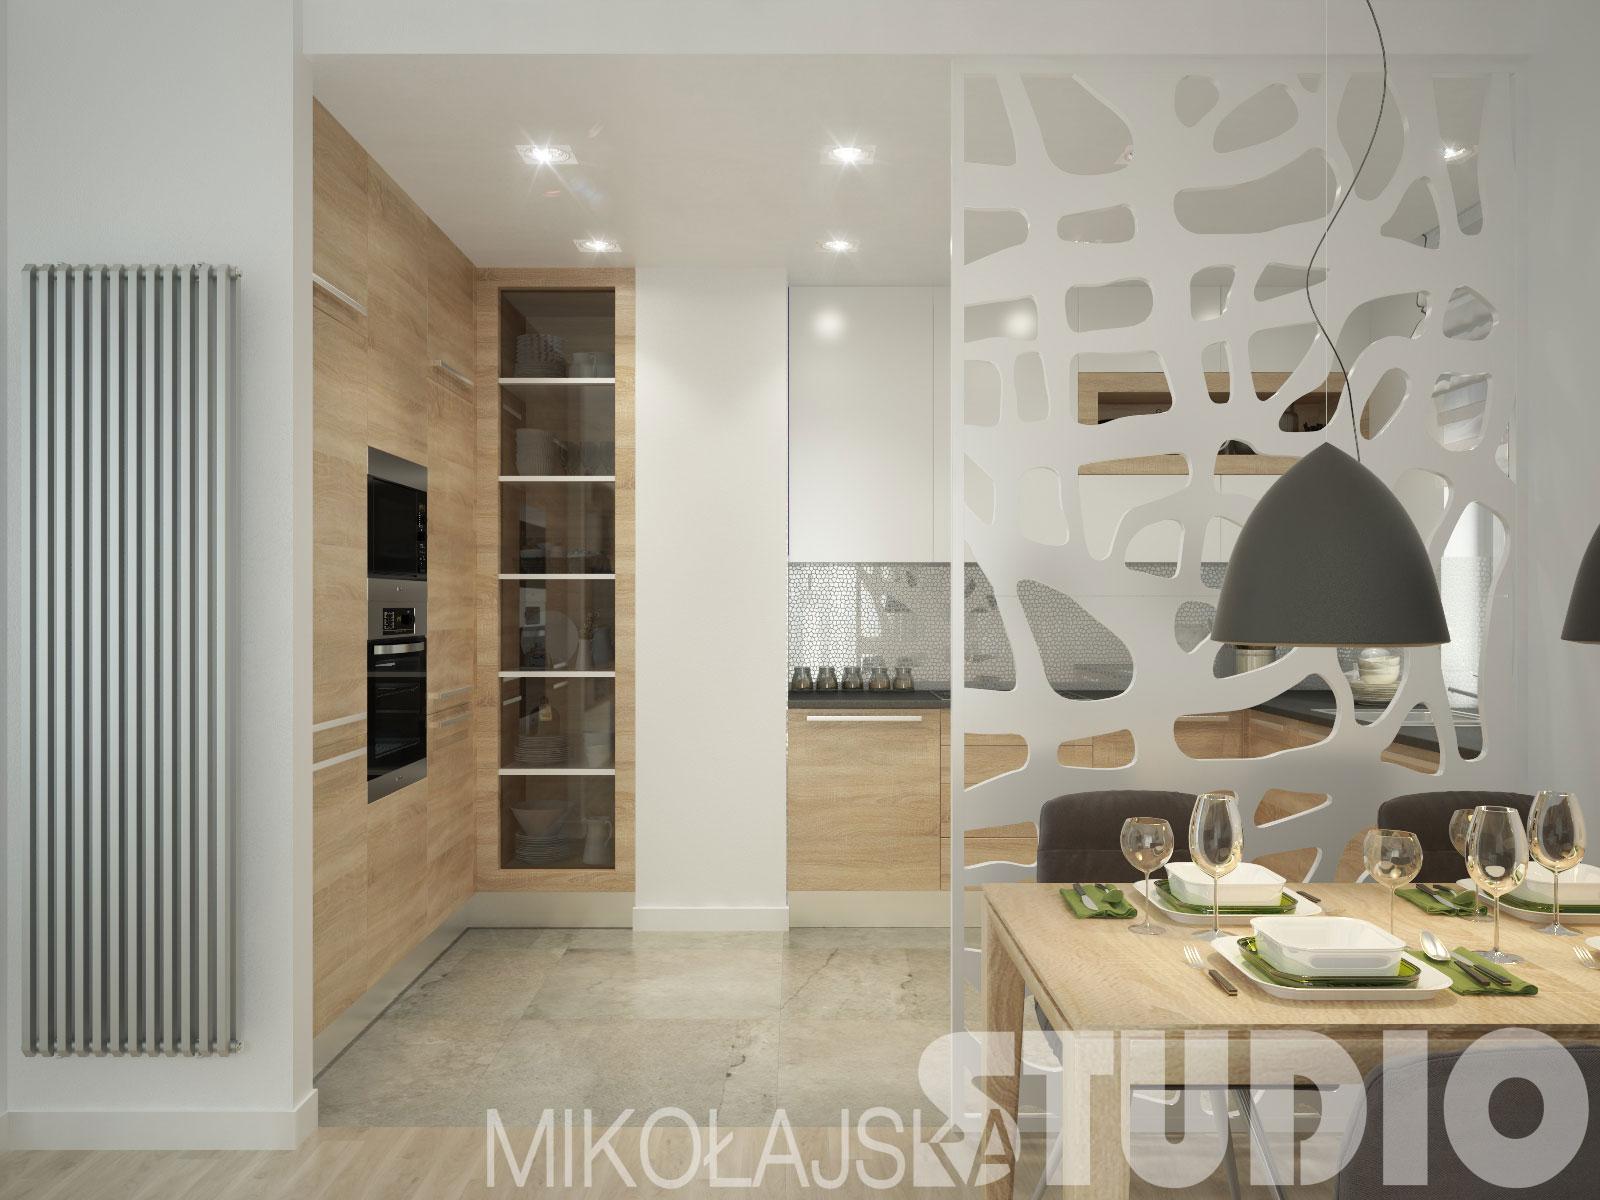 nowoczesna kuchnia w bieli i drewnie z salonem